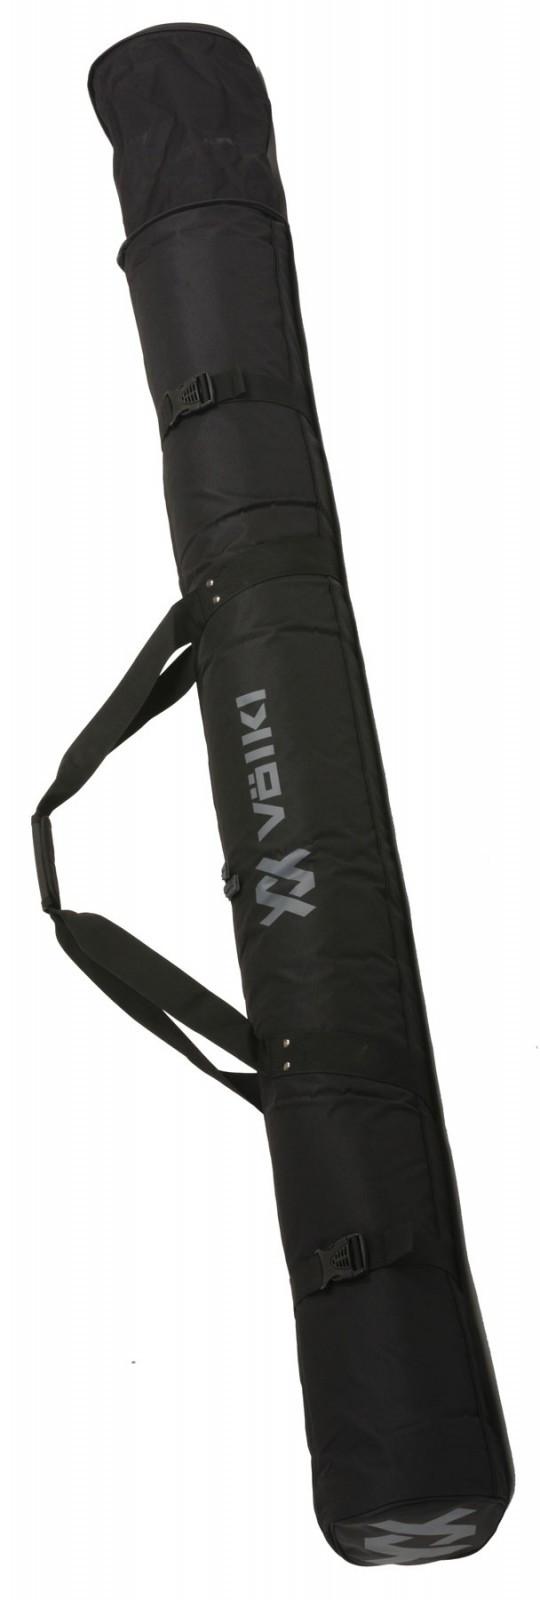 Völkl Single Ski Bag - Exp